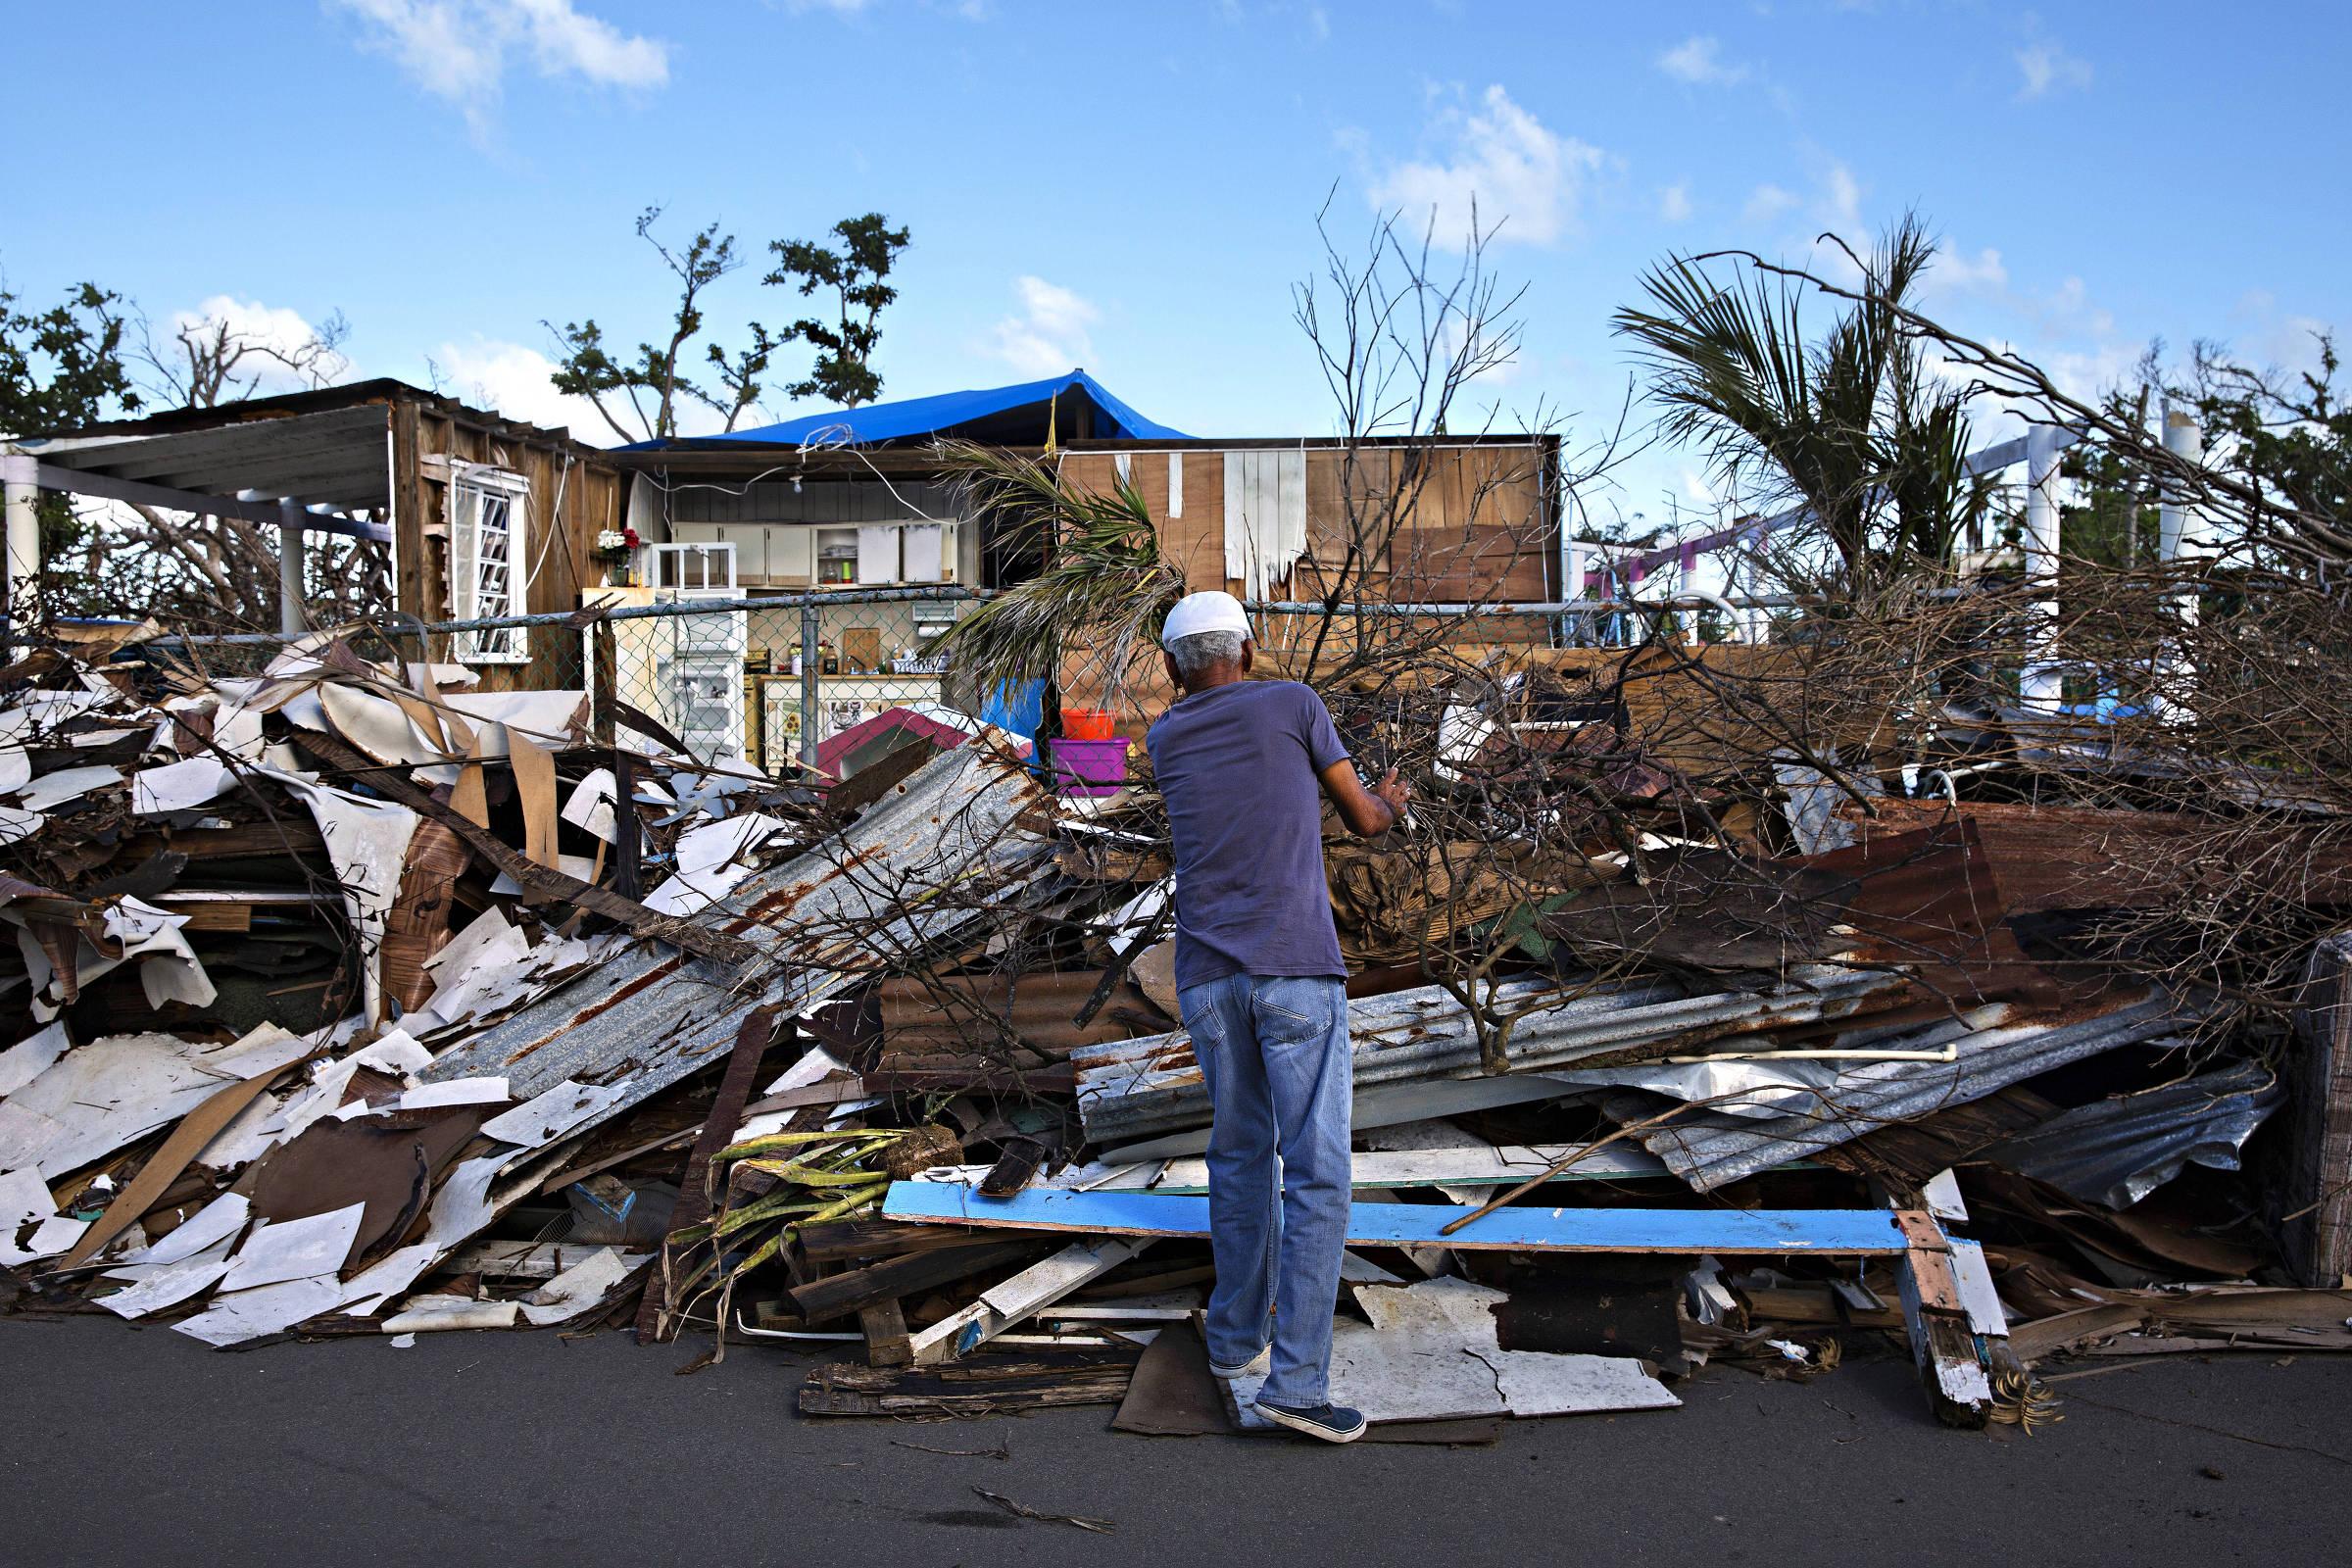 Meio milhão de pessoas devem deixar a ilha devastada pelo furacão Maria